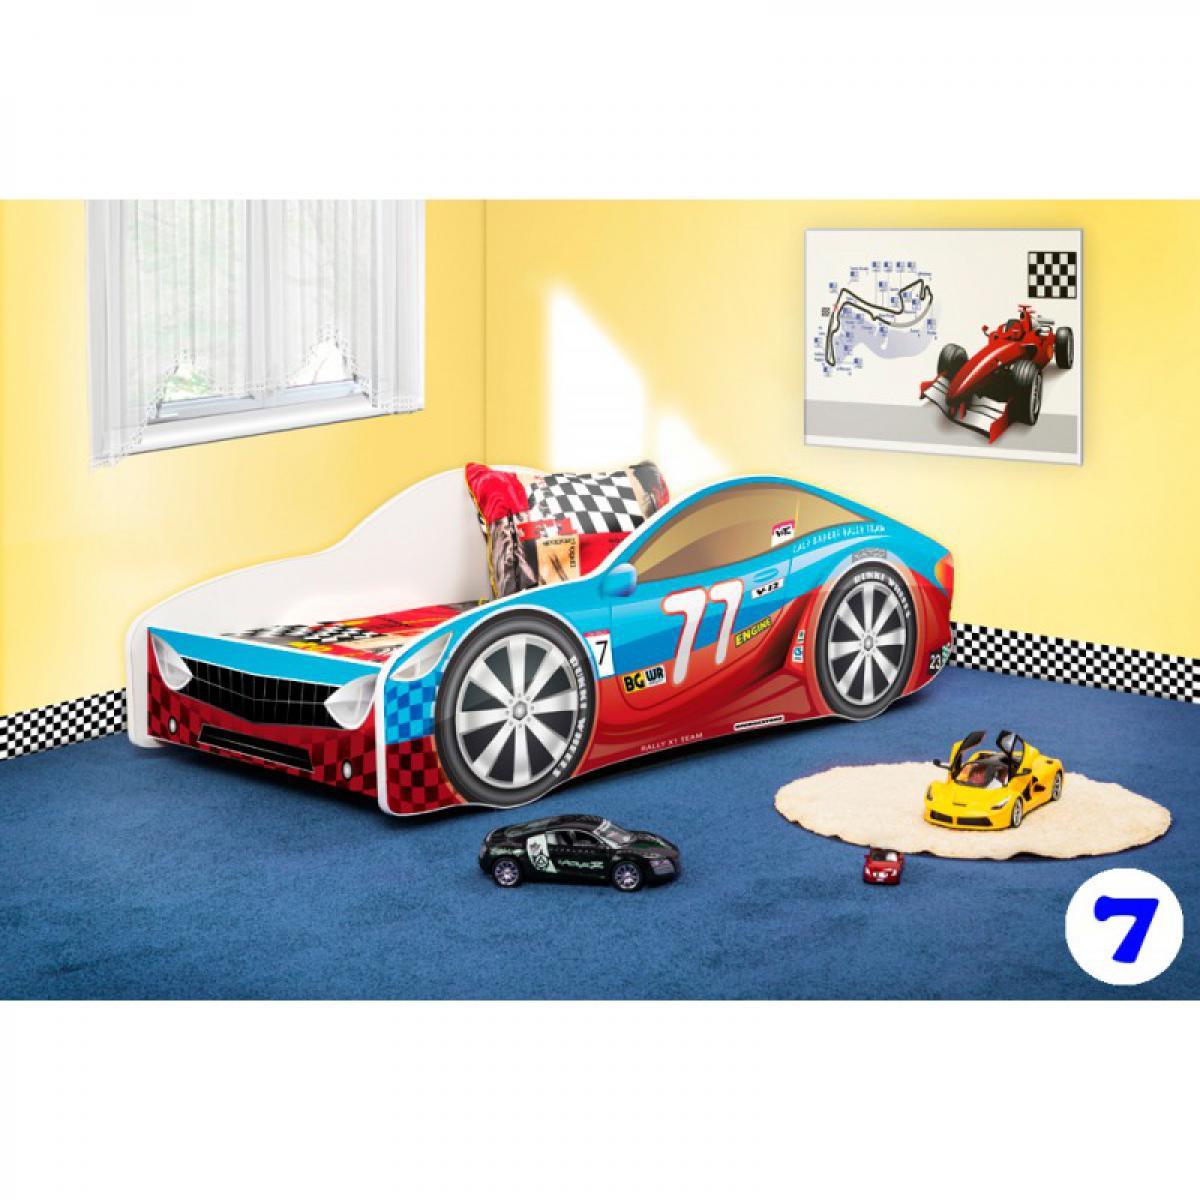 Bim Furniture Lit Voiture Enfant 180x80 cm Rouge et Bleu 77 avec sommier et matelas